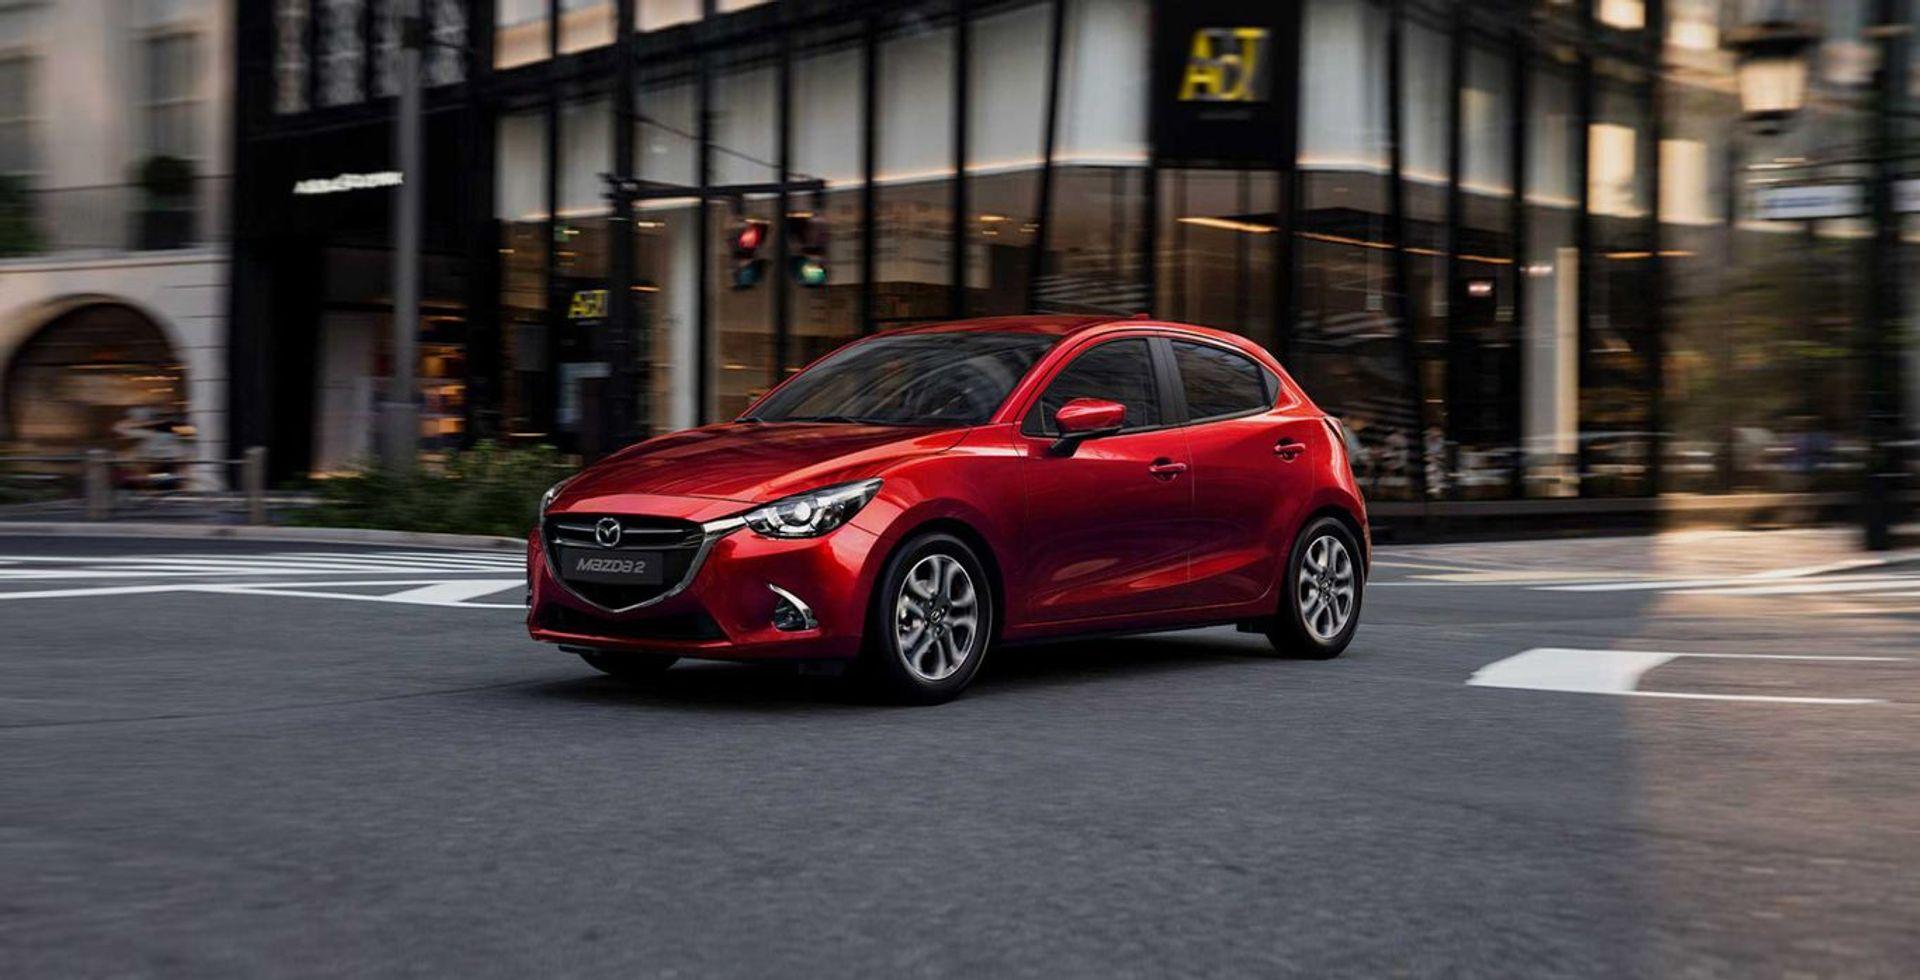 Mazda Mazda2 Sport image